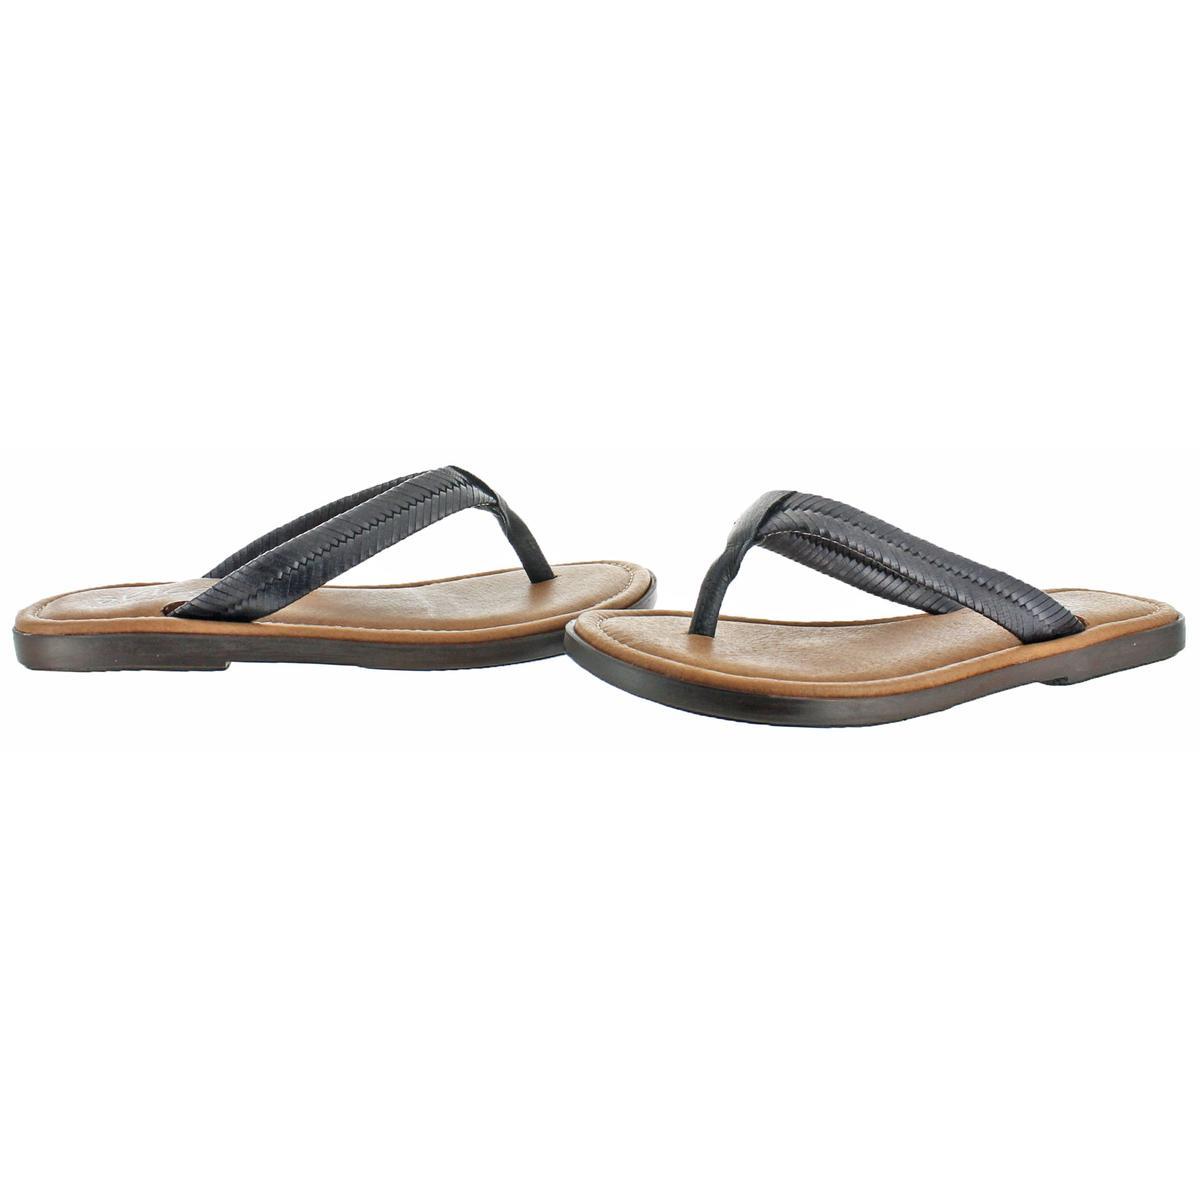 4ea8ec0f2f04b1 Sbicca Womens Elonara Black Woven Thong Sandals Shoes 6 Medium (b M ...